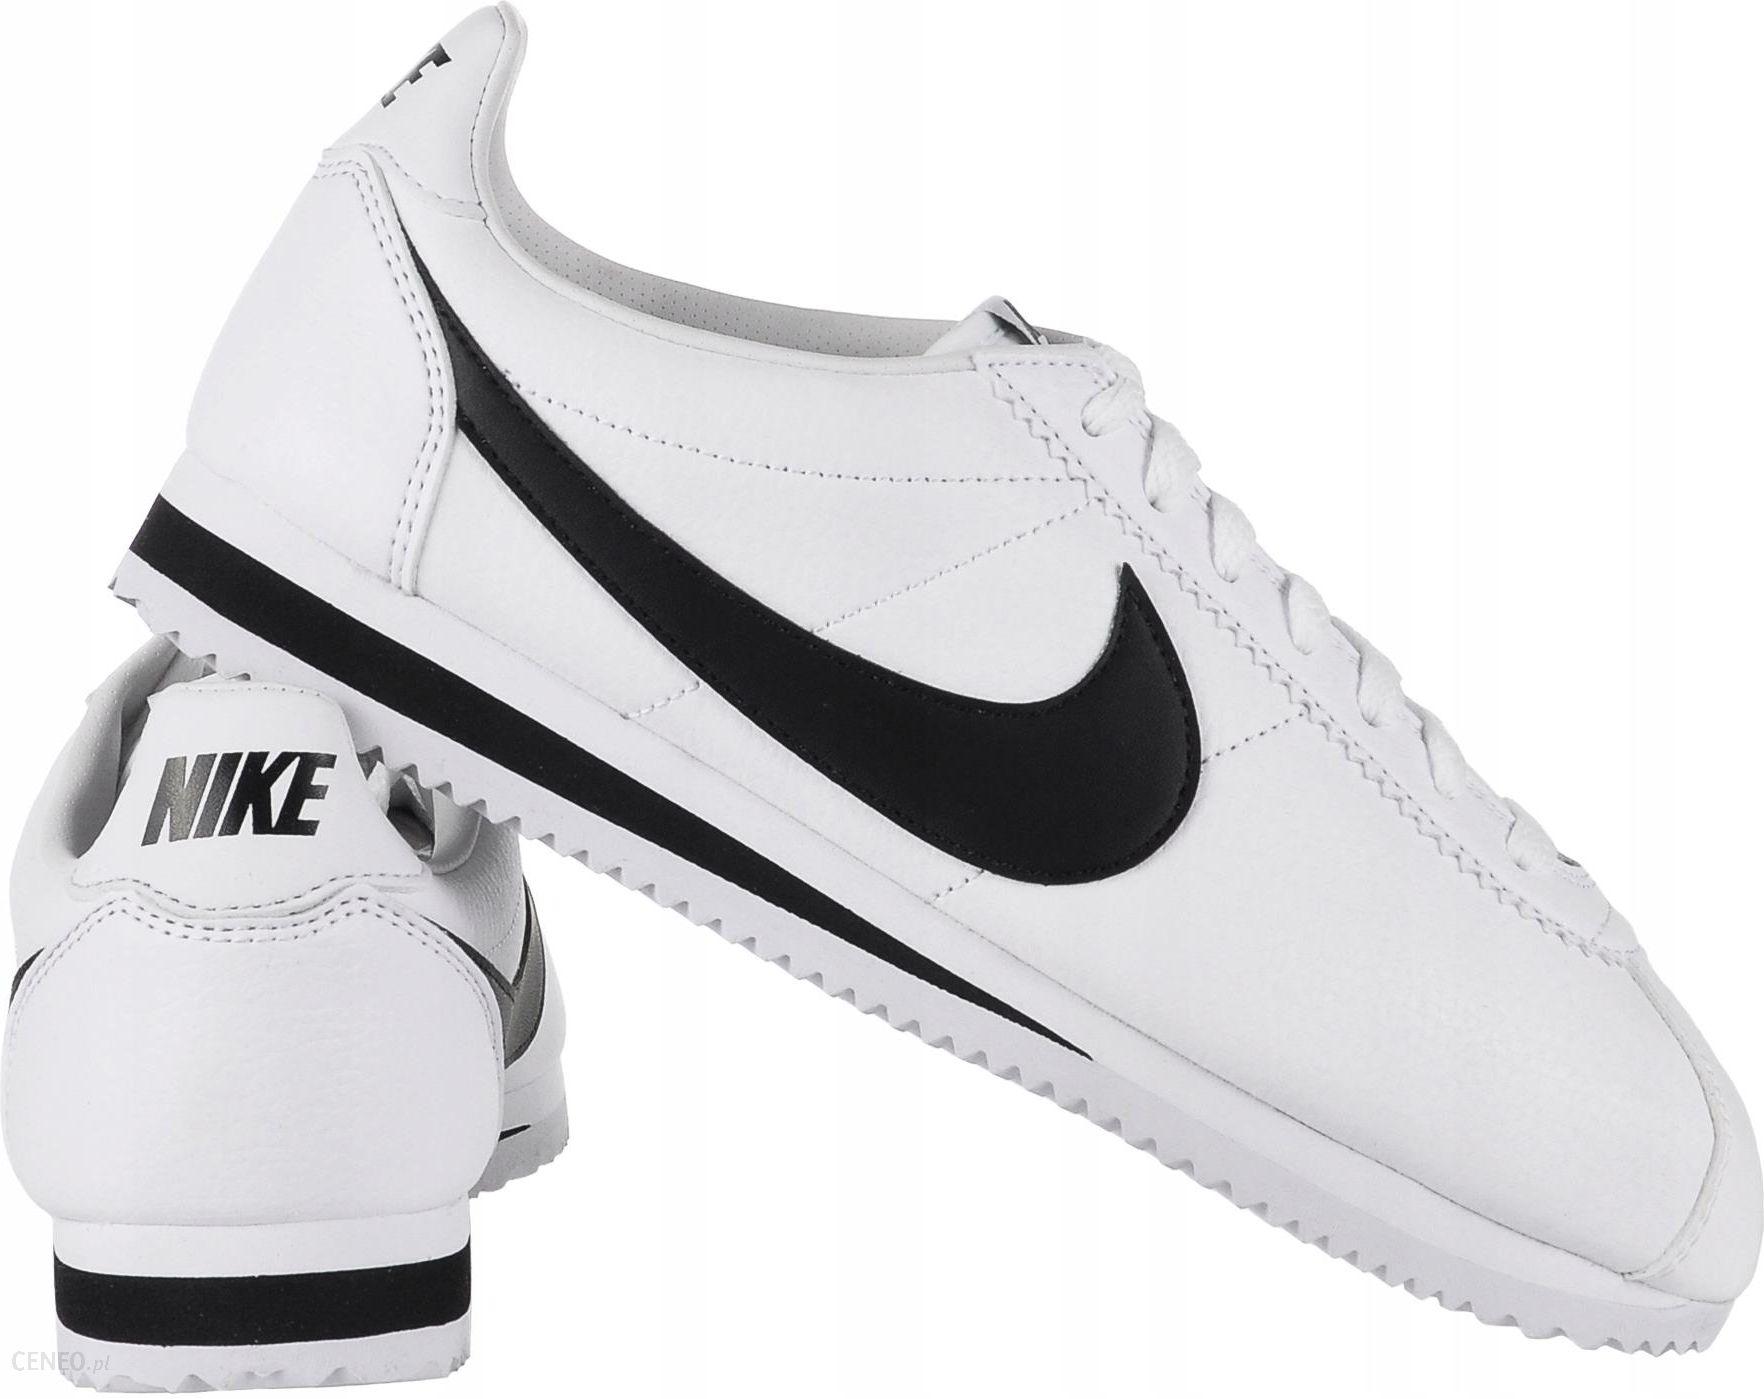 Buty sportowe męskie NIKE Cortez biało czerwone